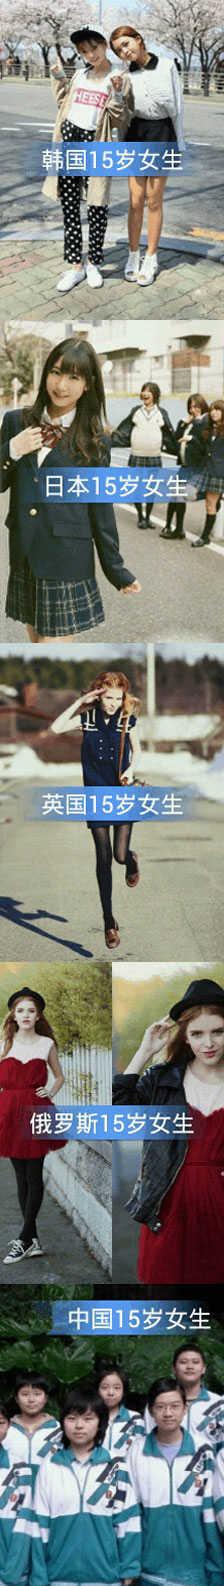 大家伙说说看,中国女生15岁是不是如图片所说的一样。不管你信不信,反正我是相信了。。